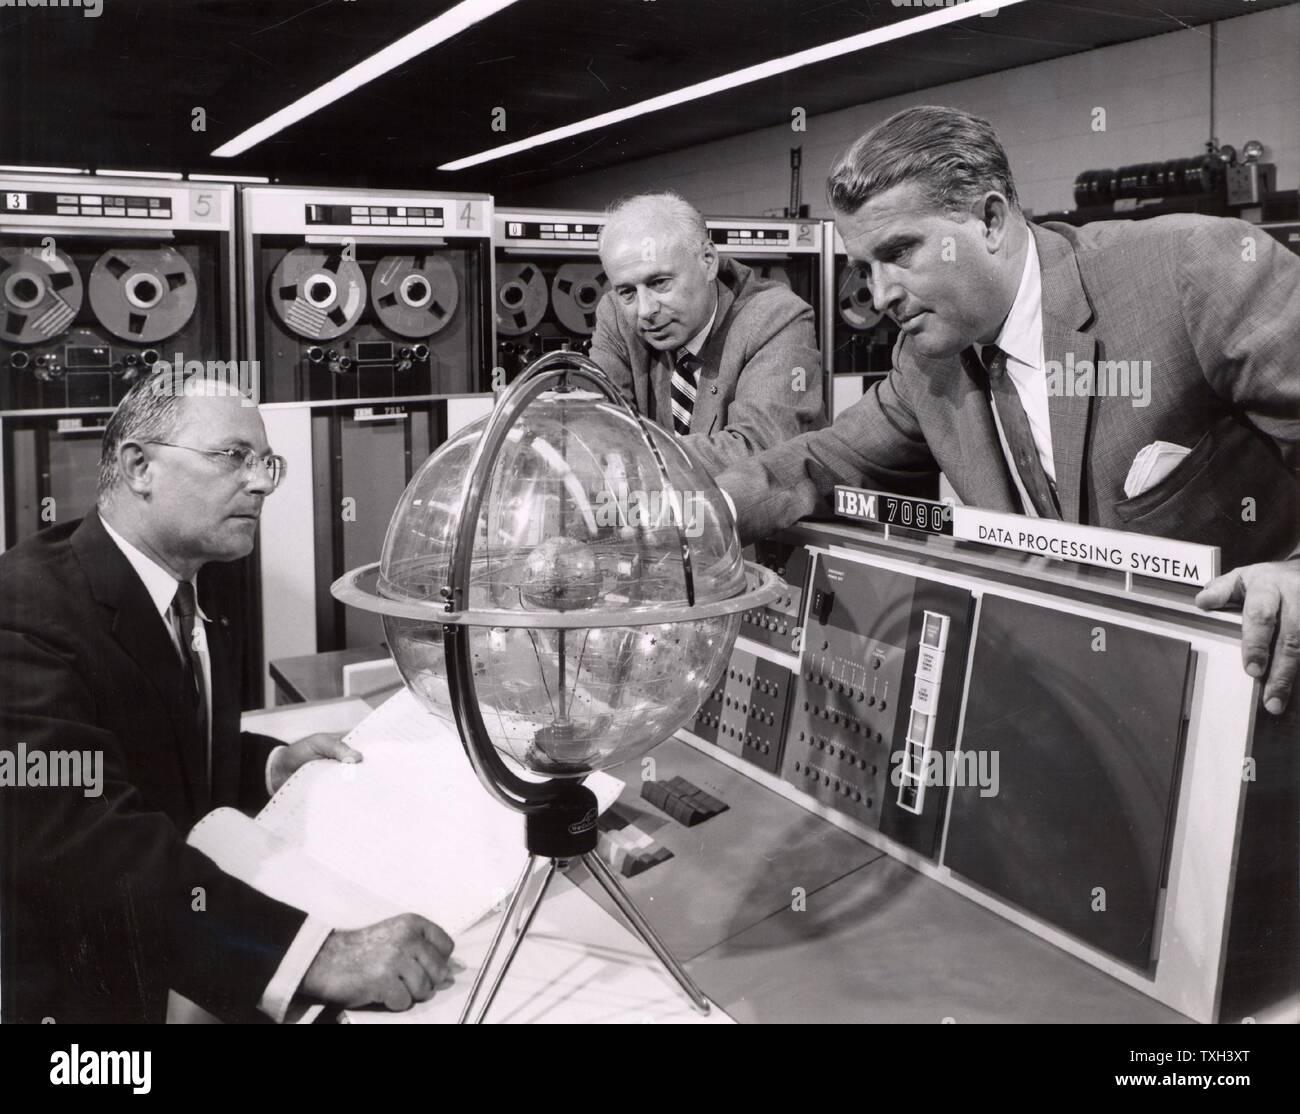 Wernher von Braun (1912-1977) científico alemán participan en el programa de cohetes de su país. Después de la Segunda Guerra Mundial tomó la nacionalidad estadounidense. Se convirtió en Director de la NASA y es considerado como el padre del programa espacial estadounidense. Von Braun en 1960, cuando el Director del Centro Marshall de Vuelos Espaciales, en la discusión con el Dr. Helmut Hoelzer y el Dr. Eberhard Rees, su adjunto. Foto de stock